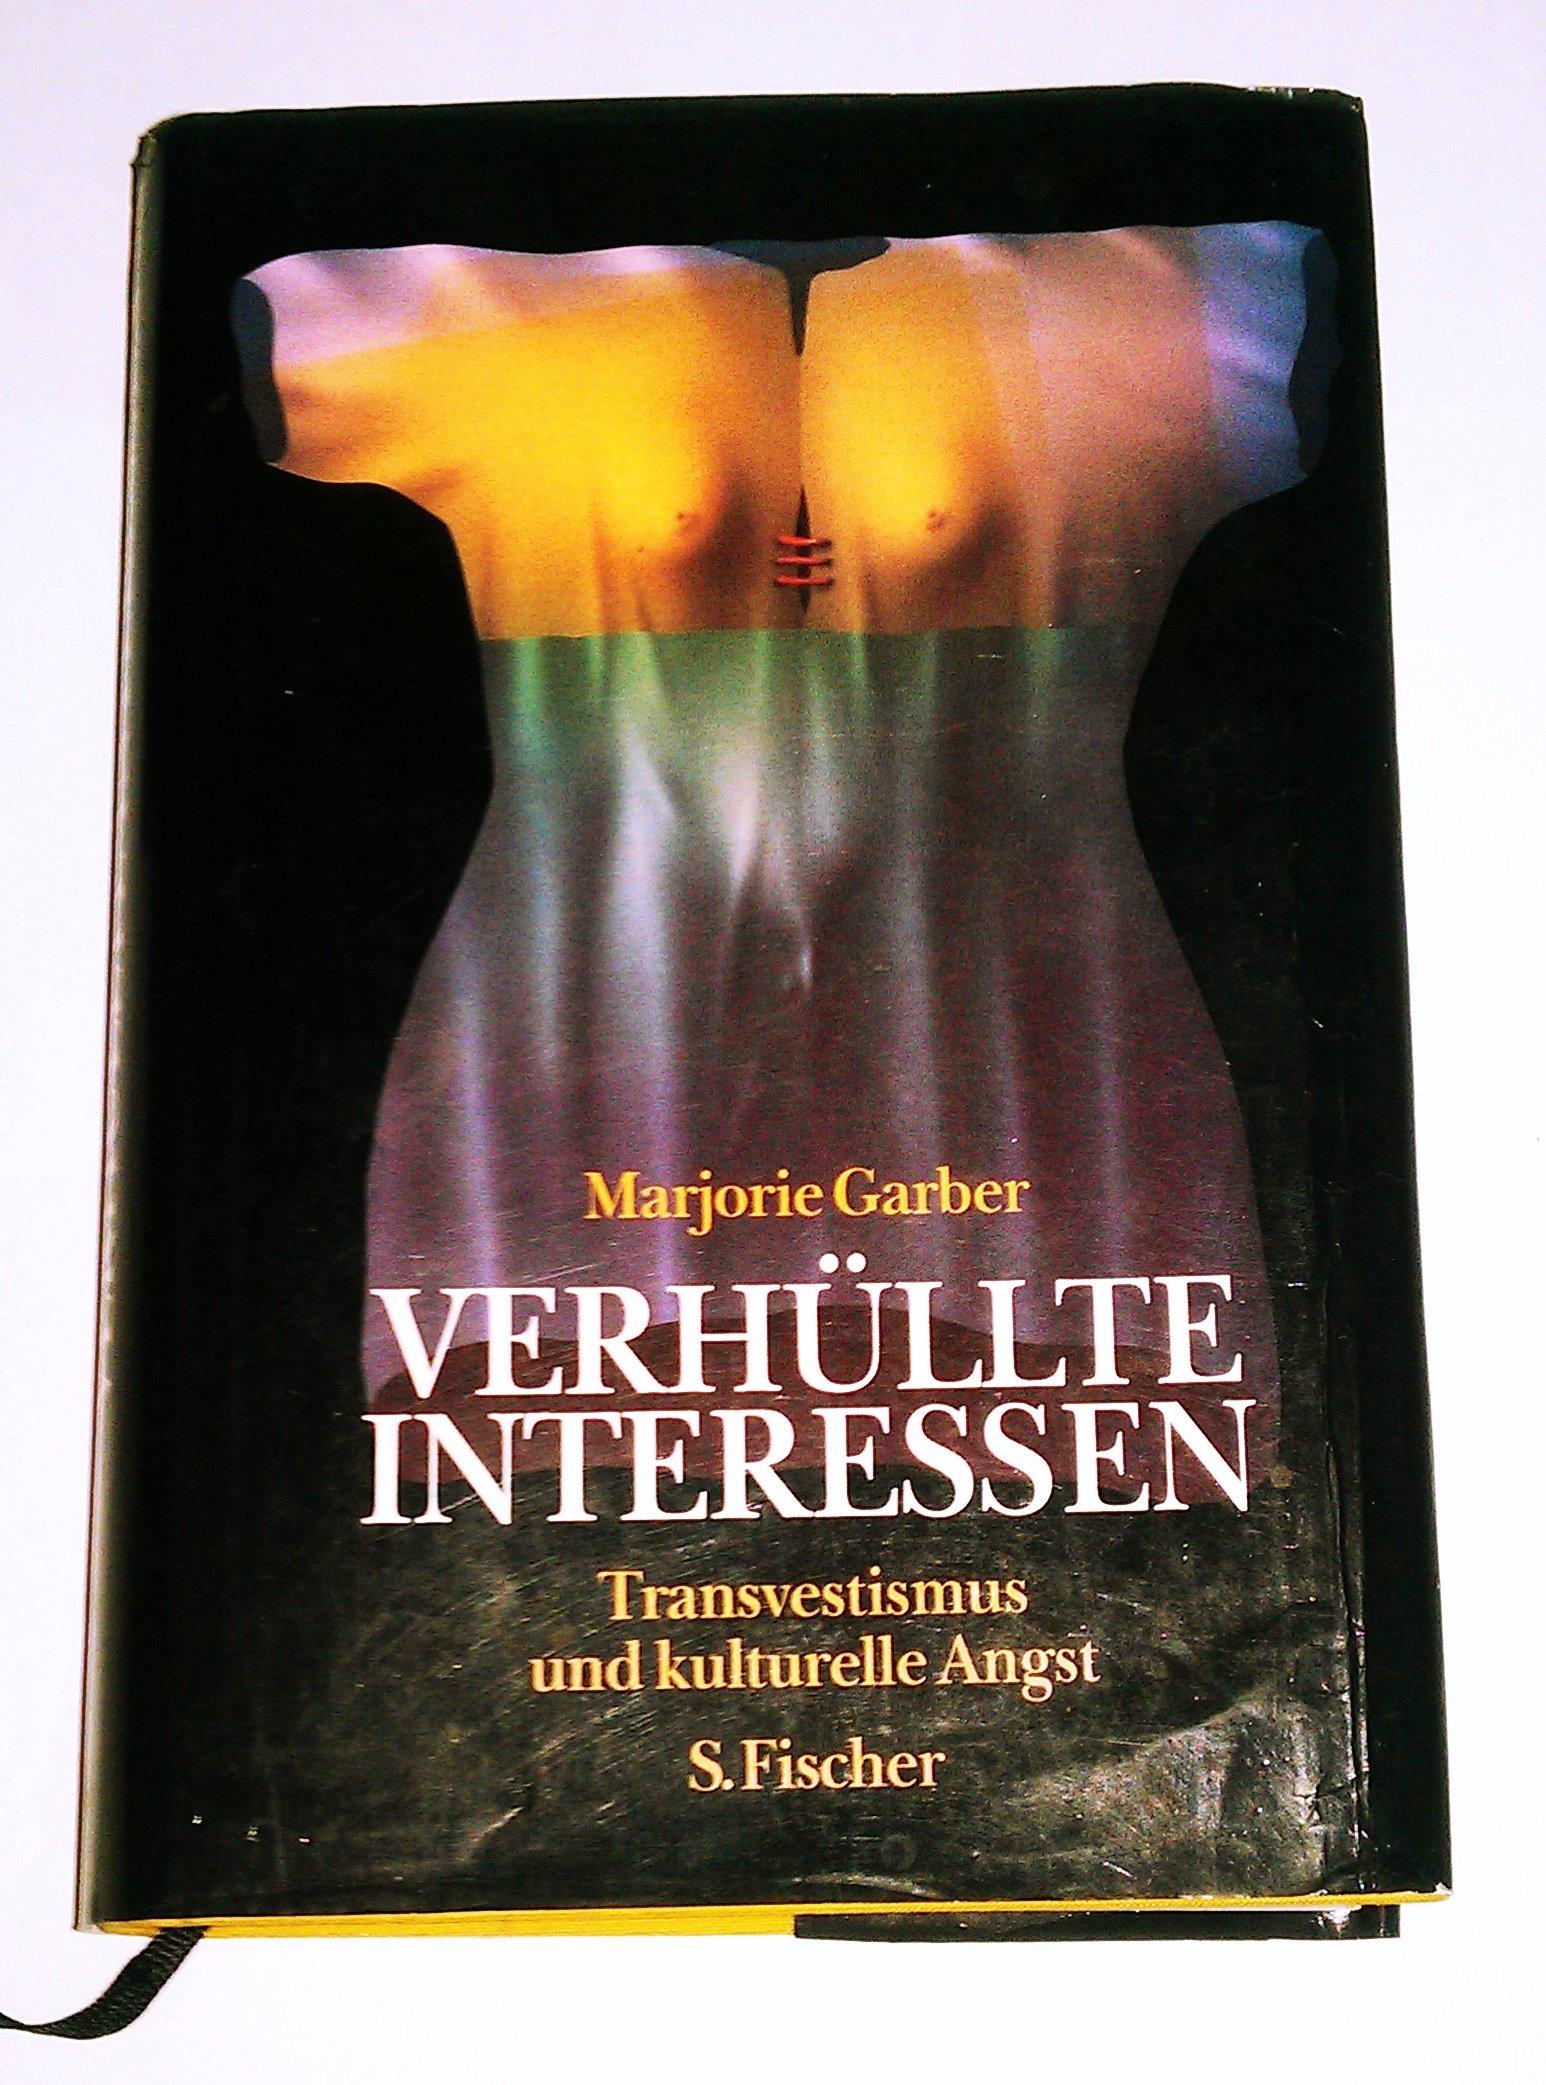 Verhüllte Interessen. Transvestismus und kulturelle Angst Gebundenes Buch – 1993 Marjorie Garber S. Fischer 3100244052 MAK_VRG_9783100244055